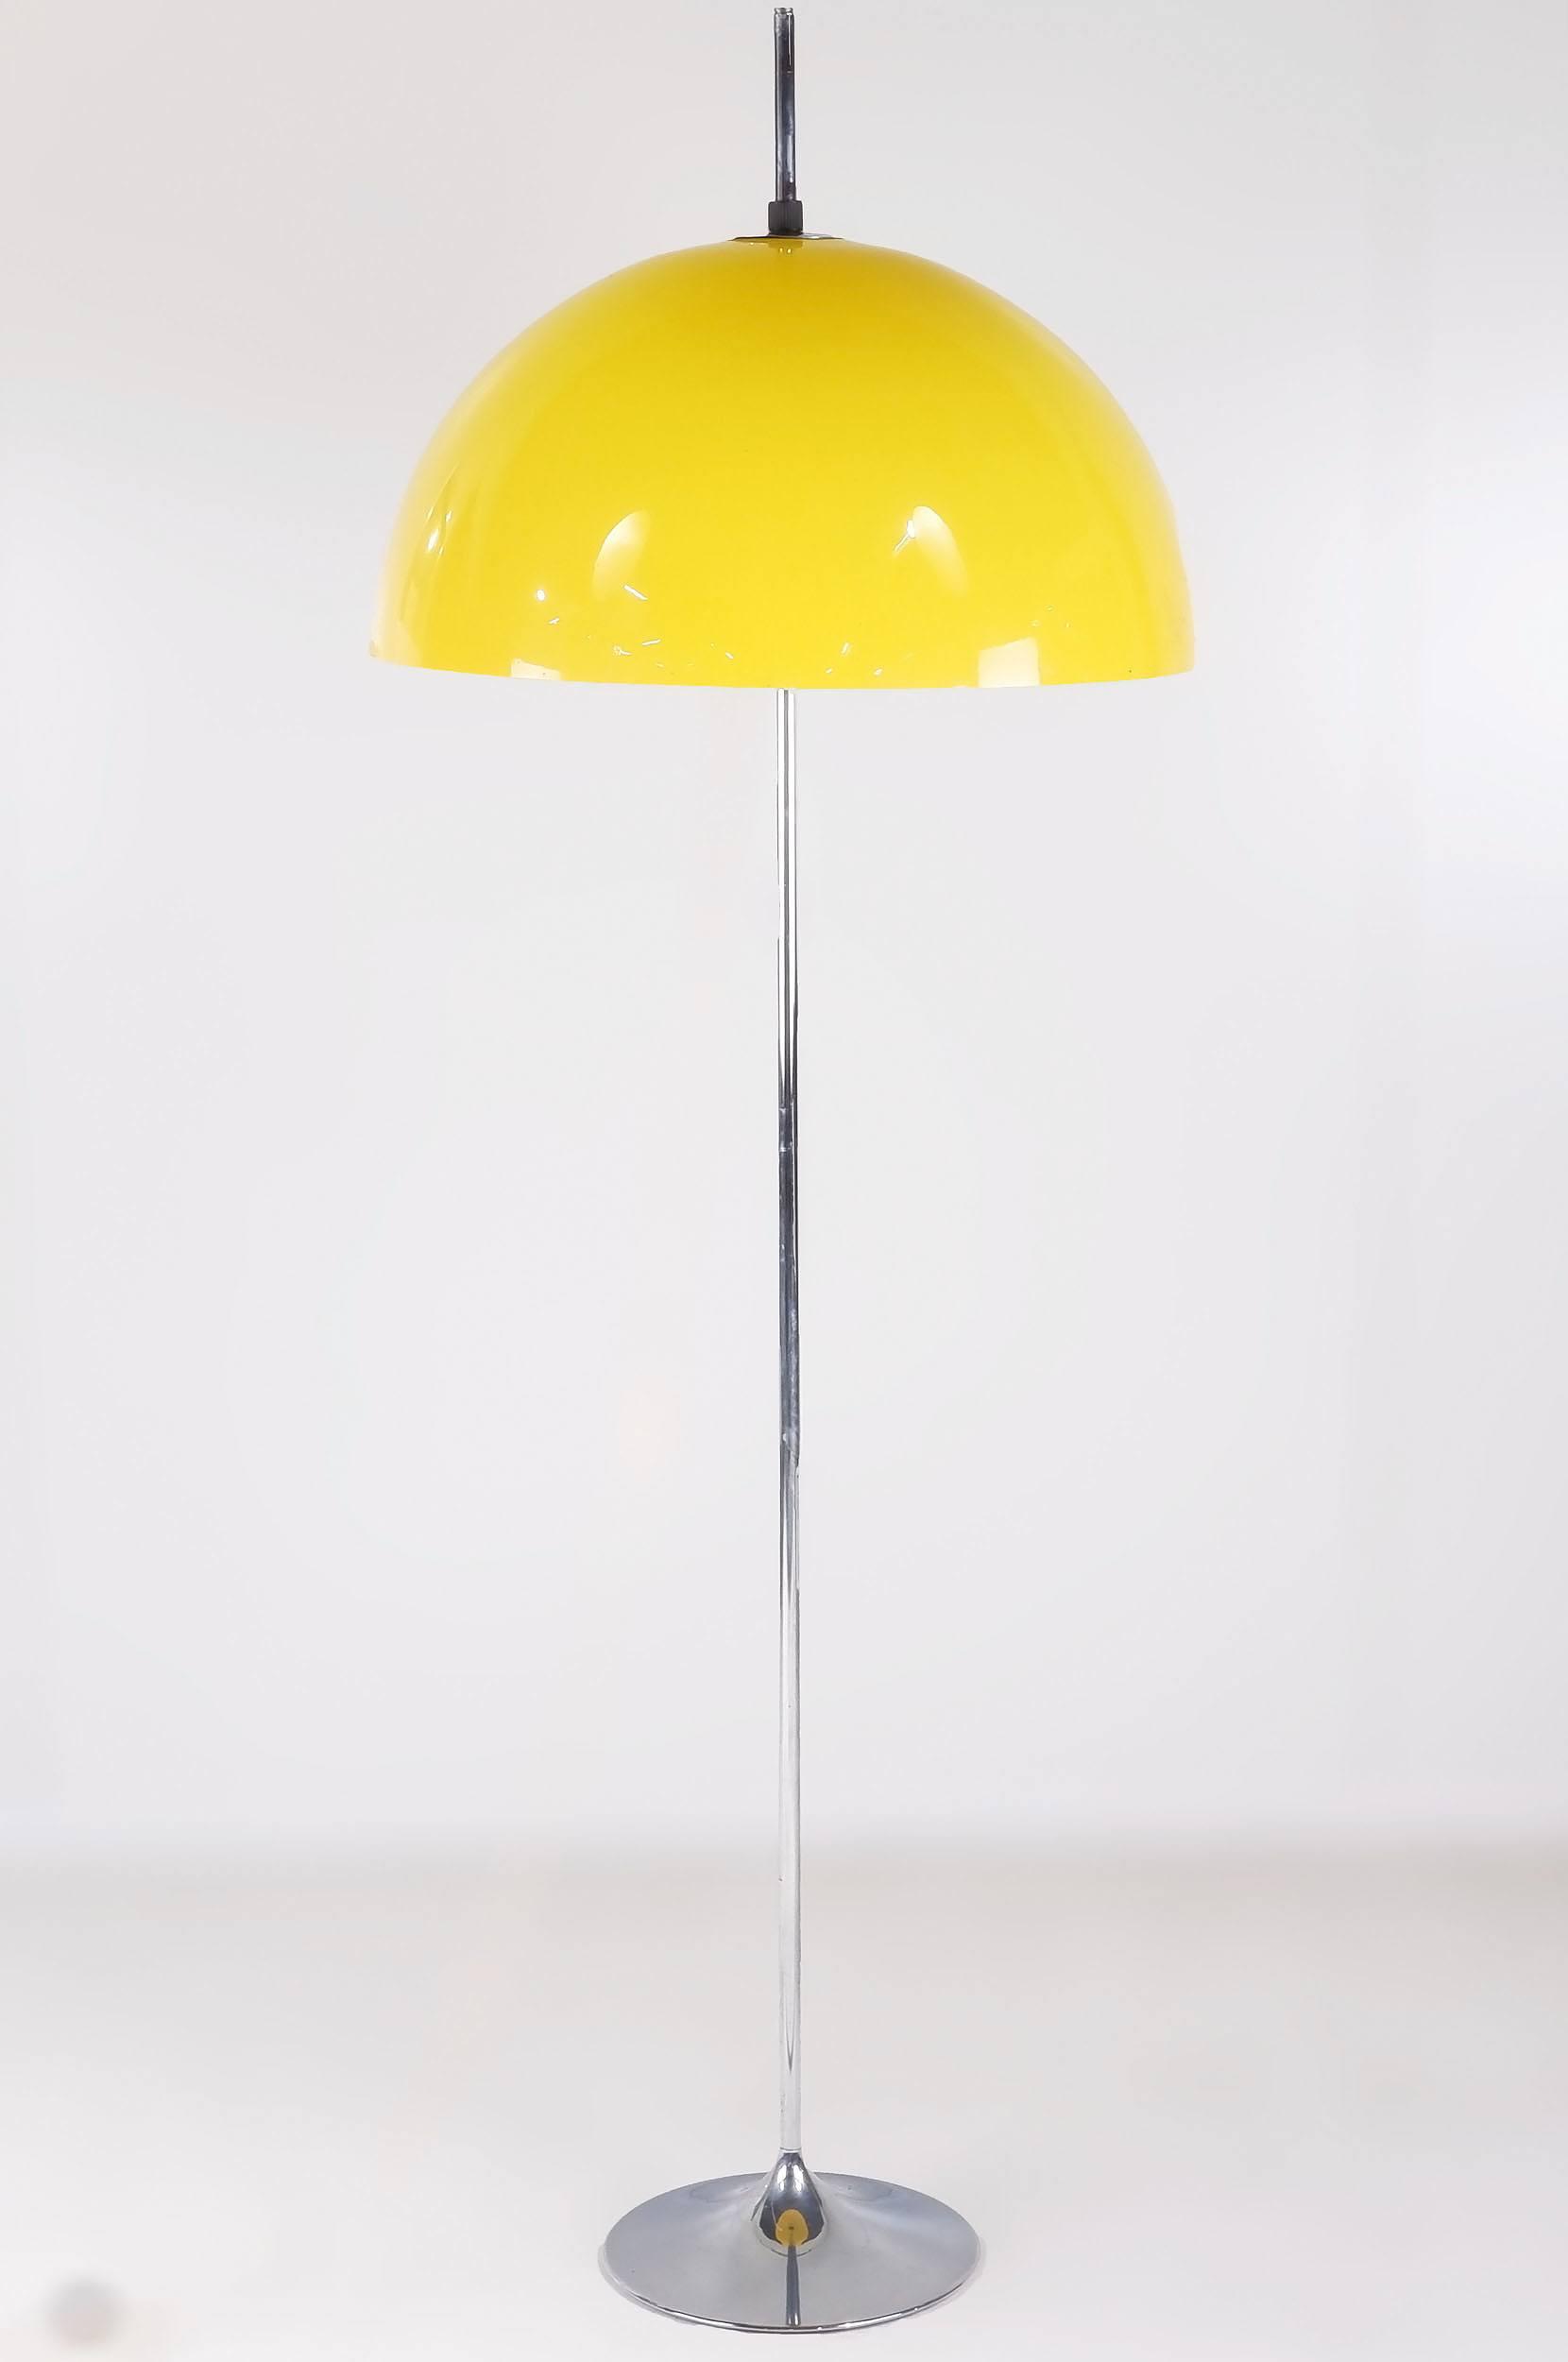 'Verner Panton Style Floor Lamp'